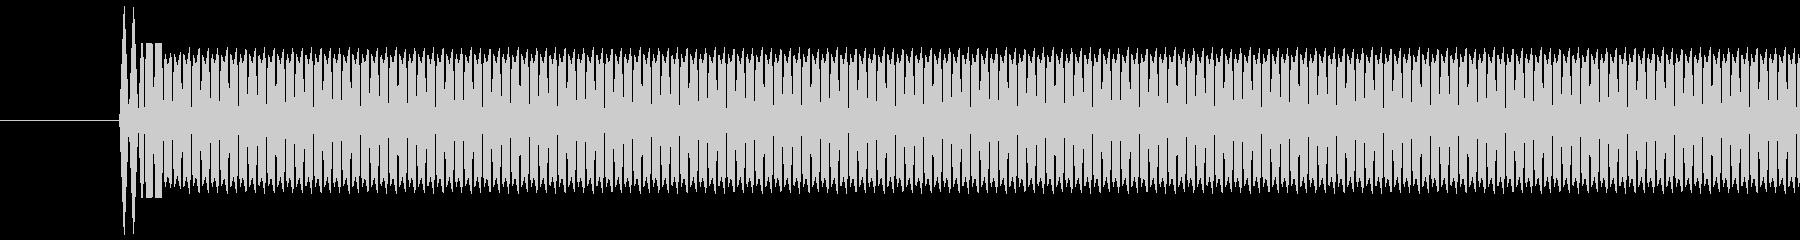 レジ(バーコードなどを読み取る)ピッの未再生の波形